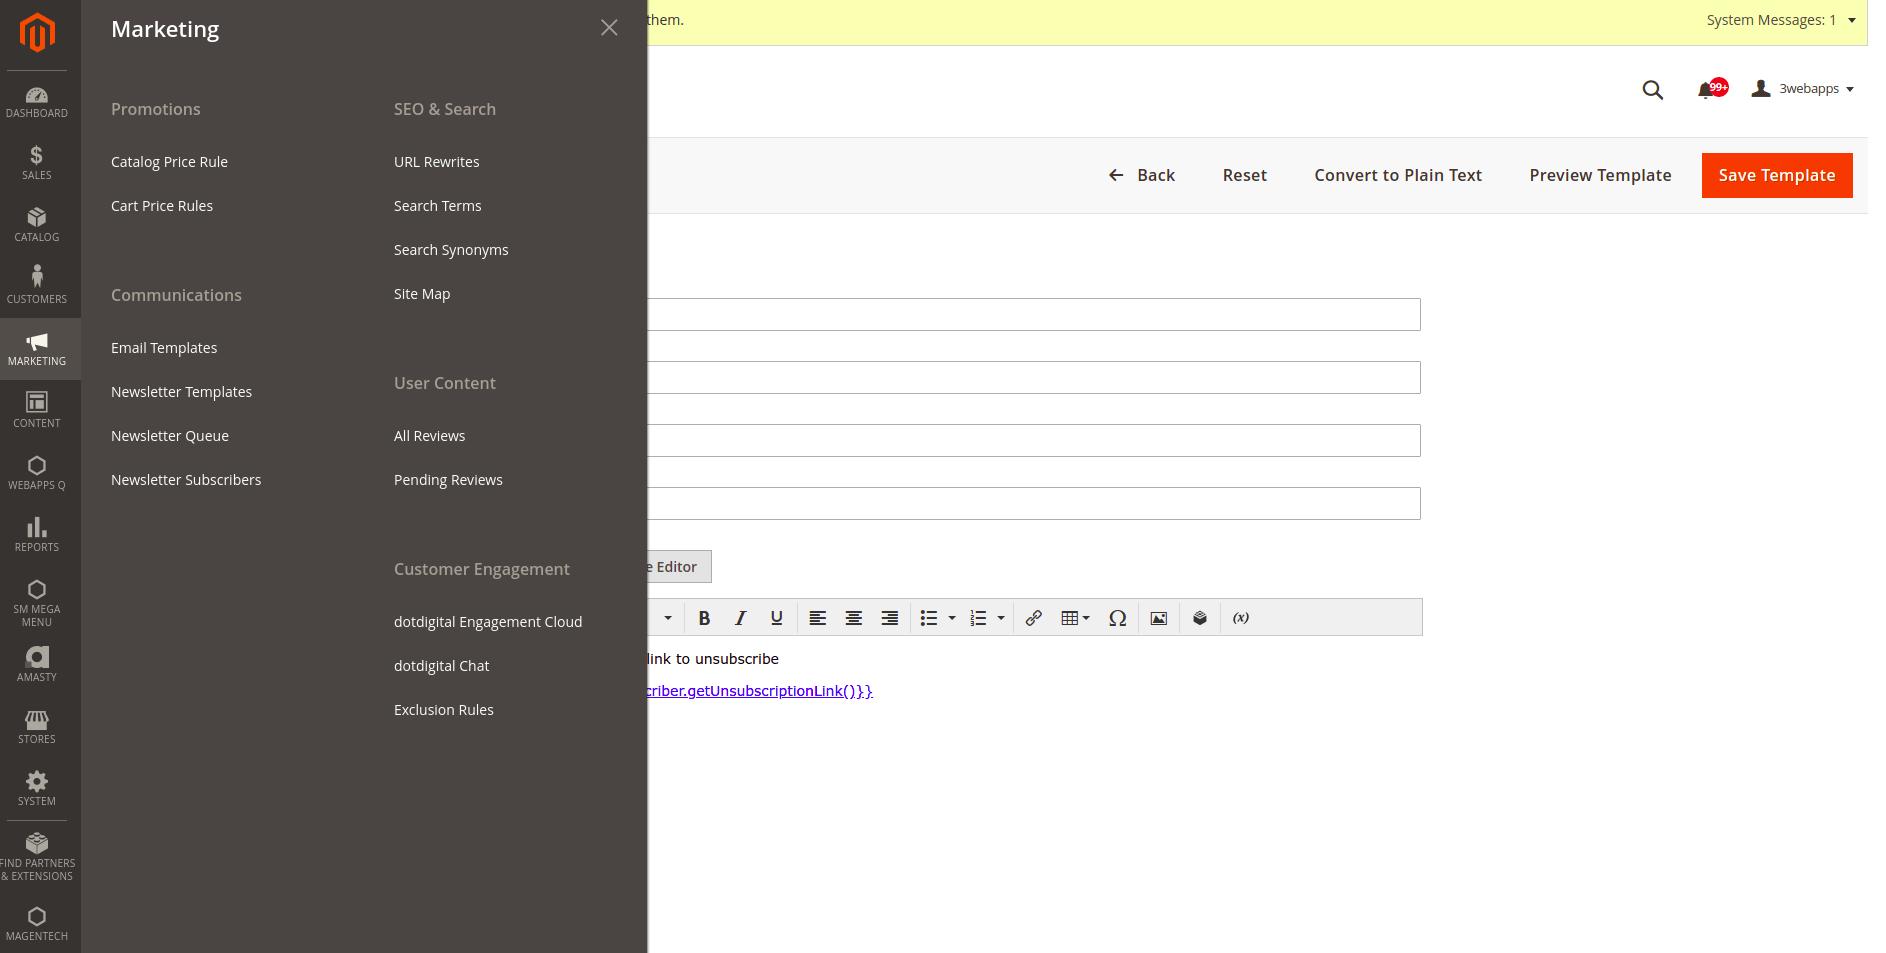 Aanmaken email template in Magento 2